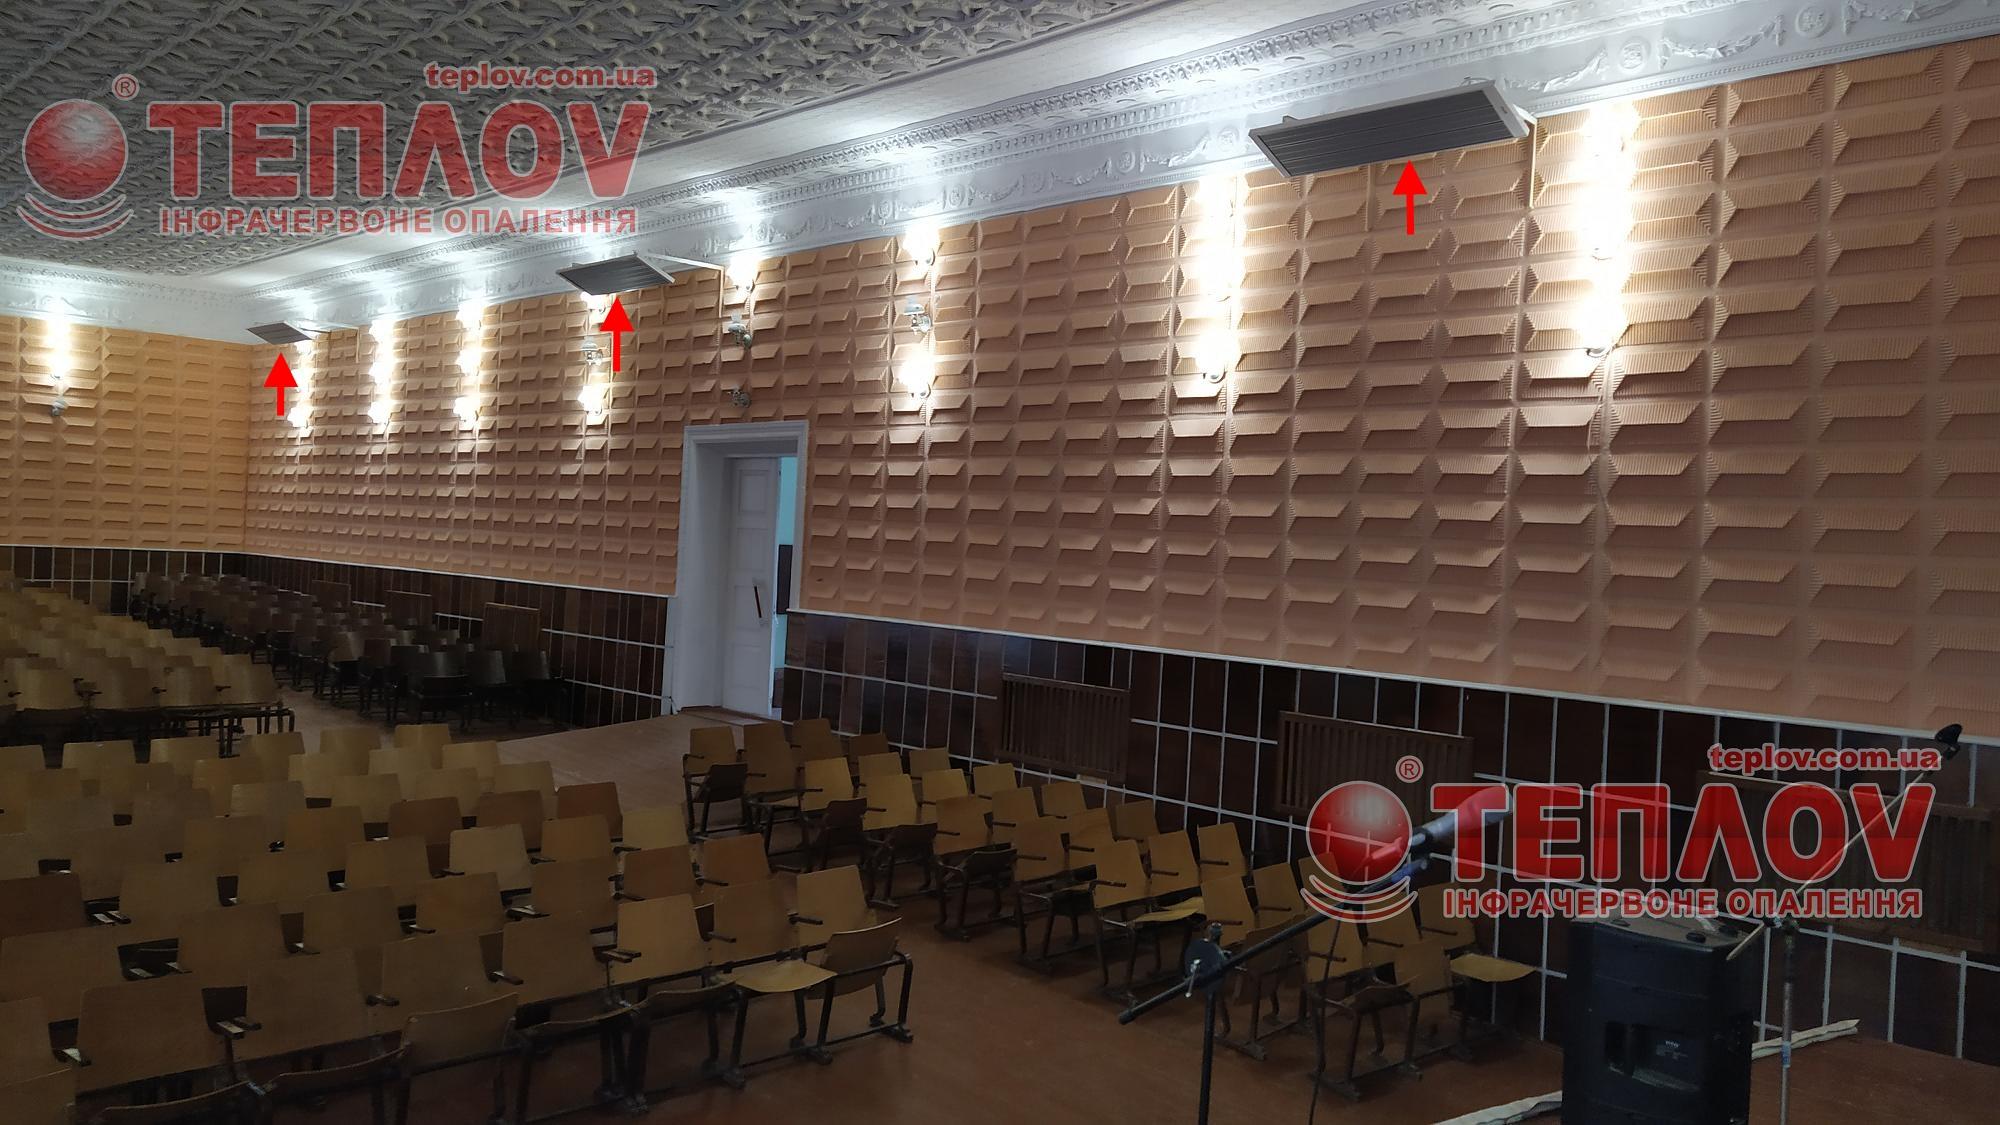 Отопление дома культуры с помощью потолочных обогревателей